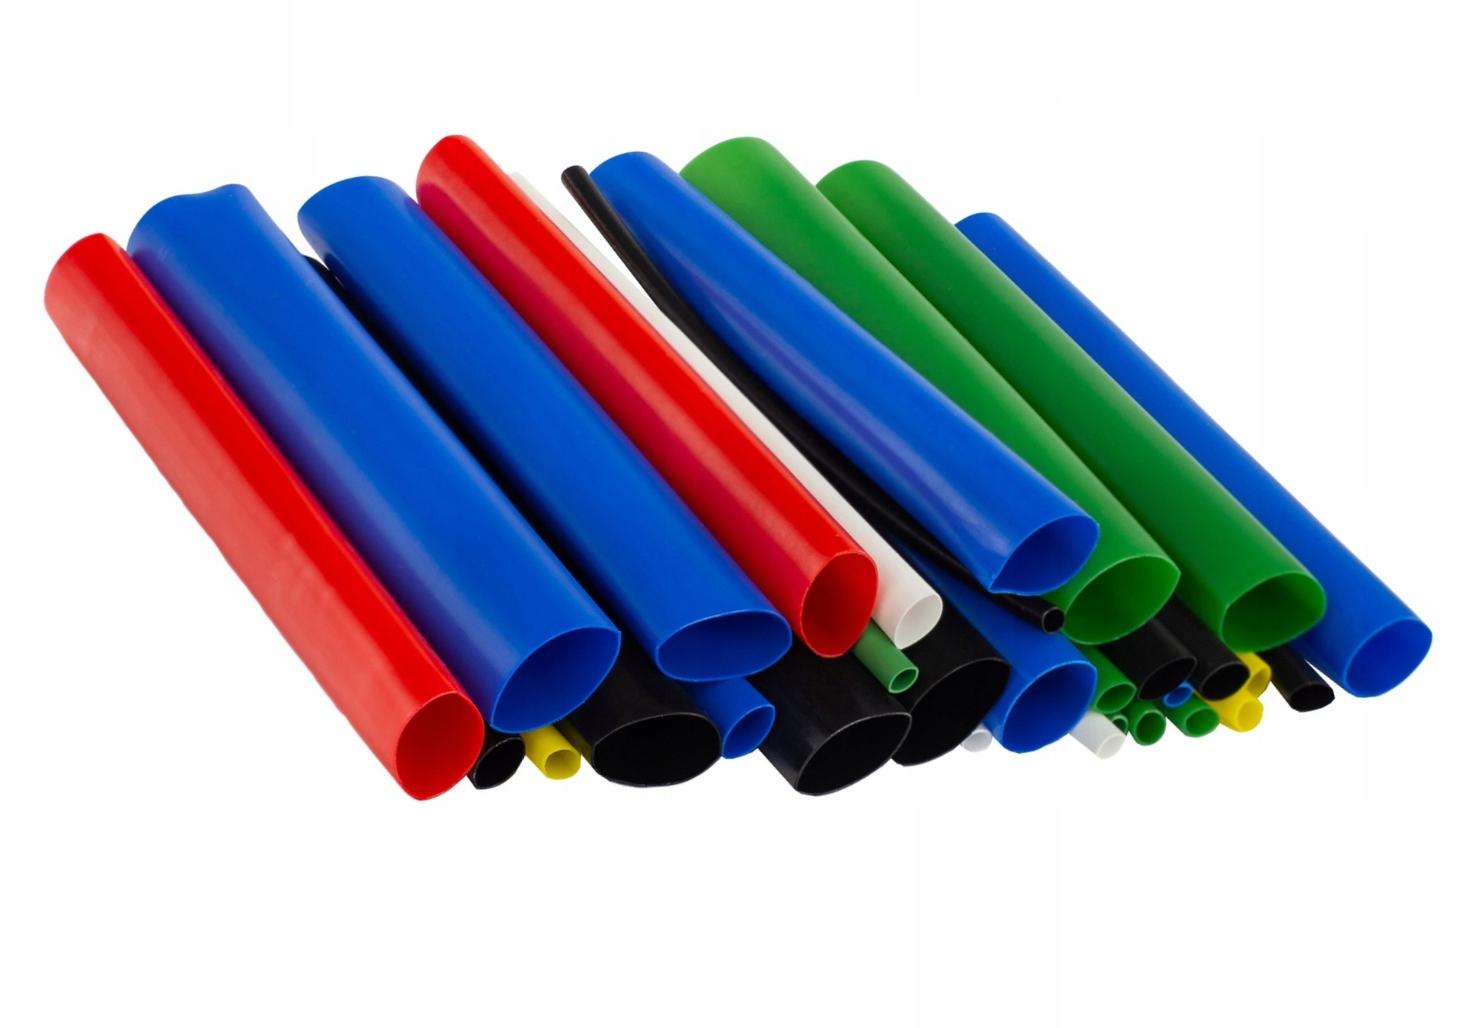 Набор трубчатых трубоубийок сжимается цвет. 9см 36шт